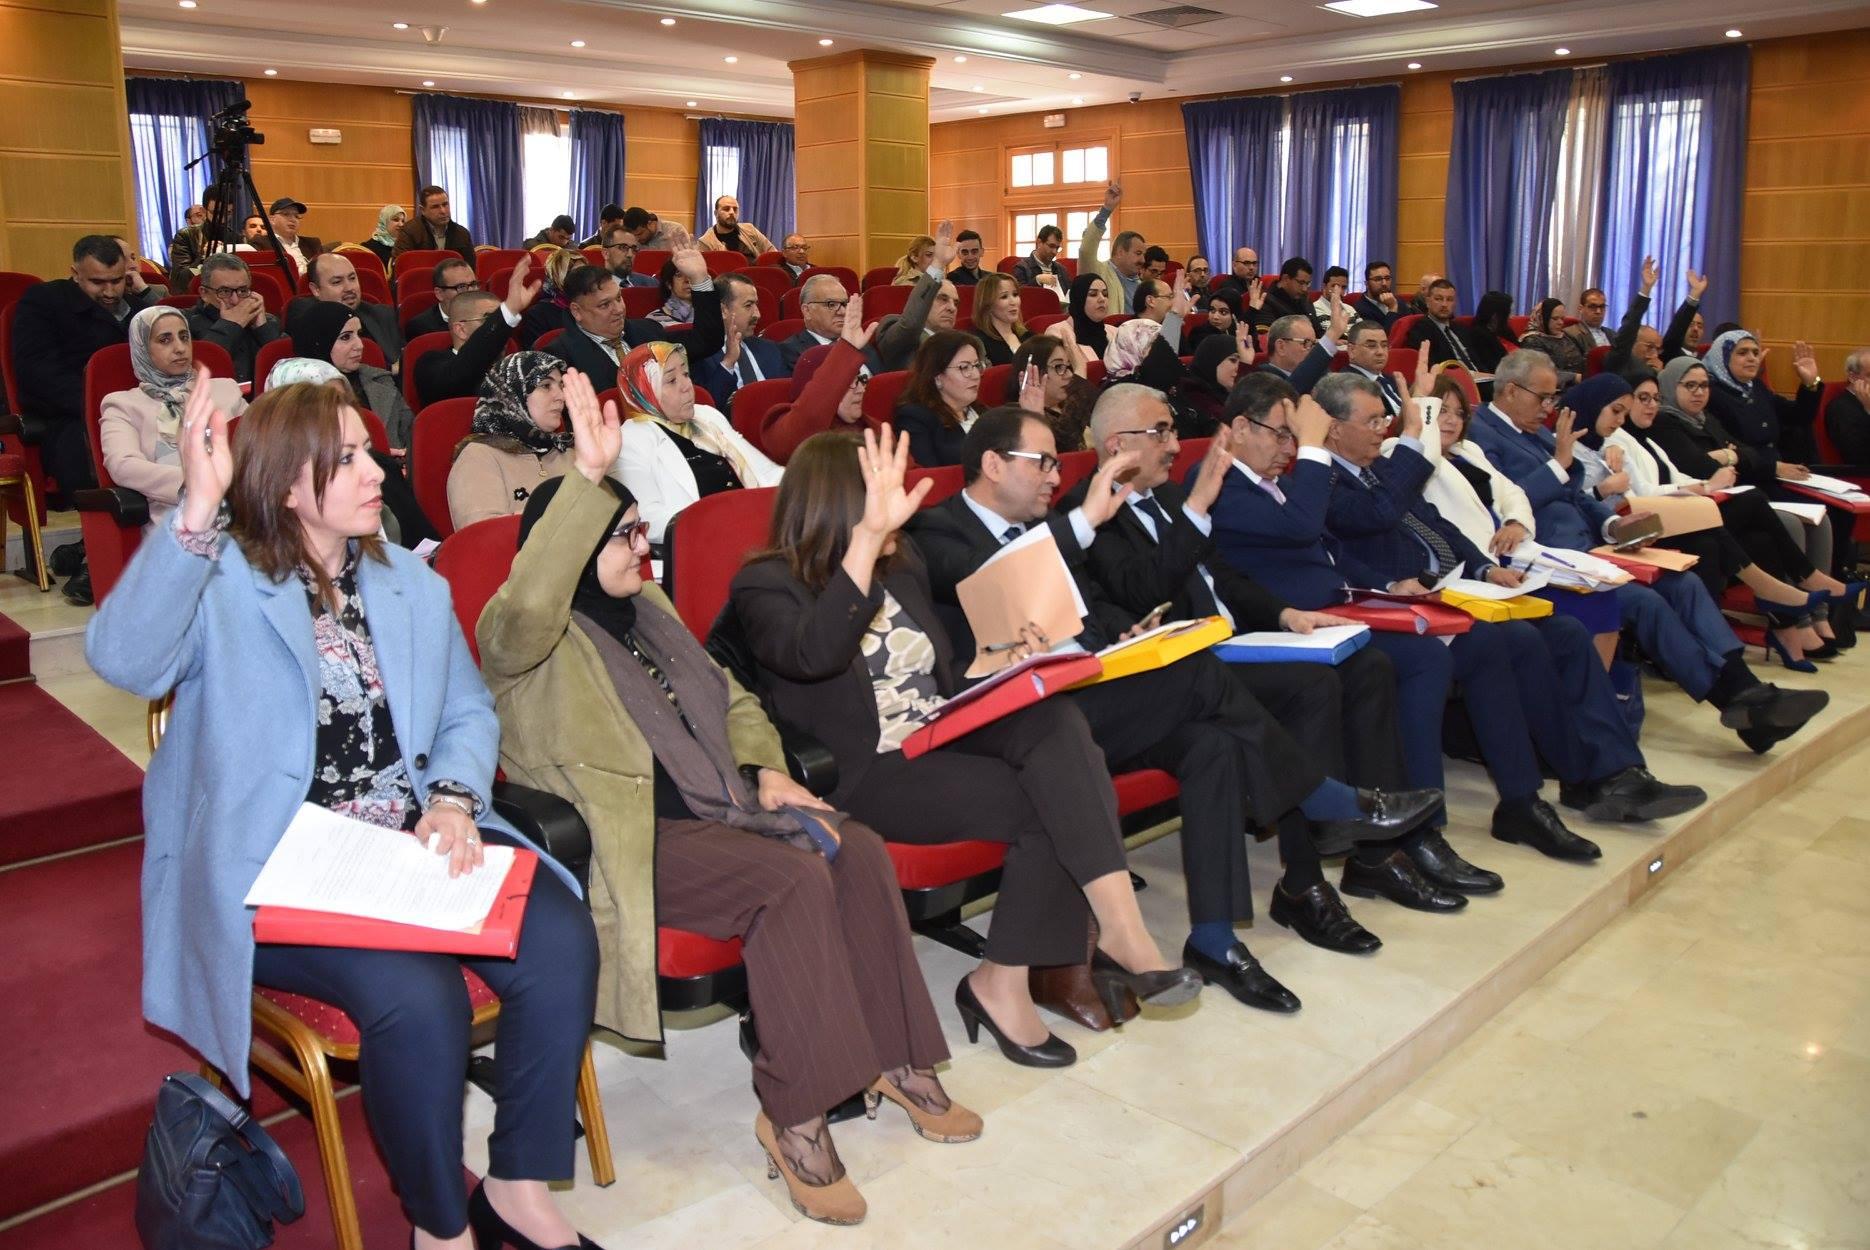 مجلس الجهة يصادق على اتفاقية شراكة مع مؤسسة محمد الخامس للتضامن لإنجاز برنامج الإدماج عن طريق الأنشطة الاقتصادية بقيمة 24 مليون درهم